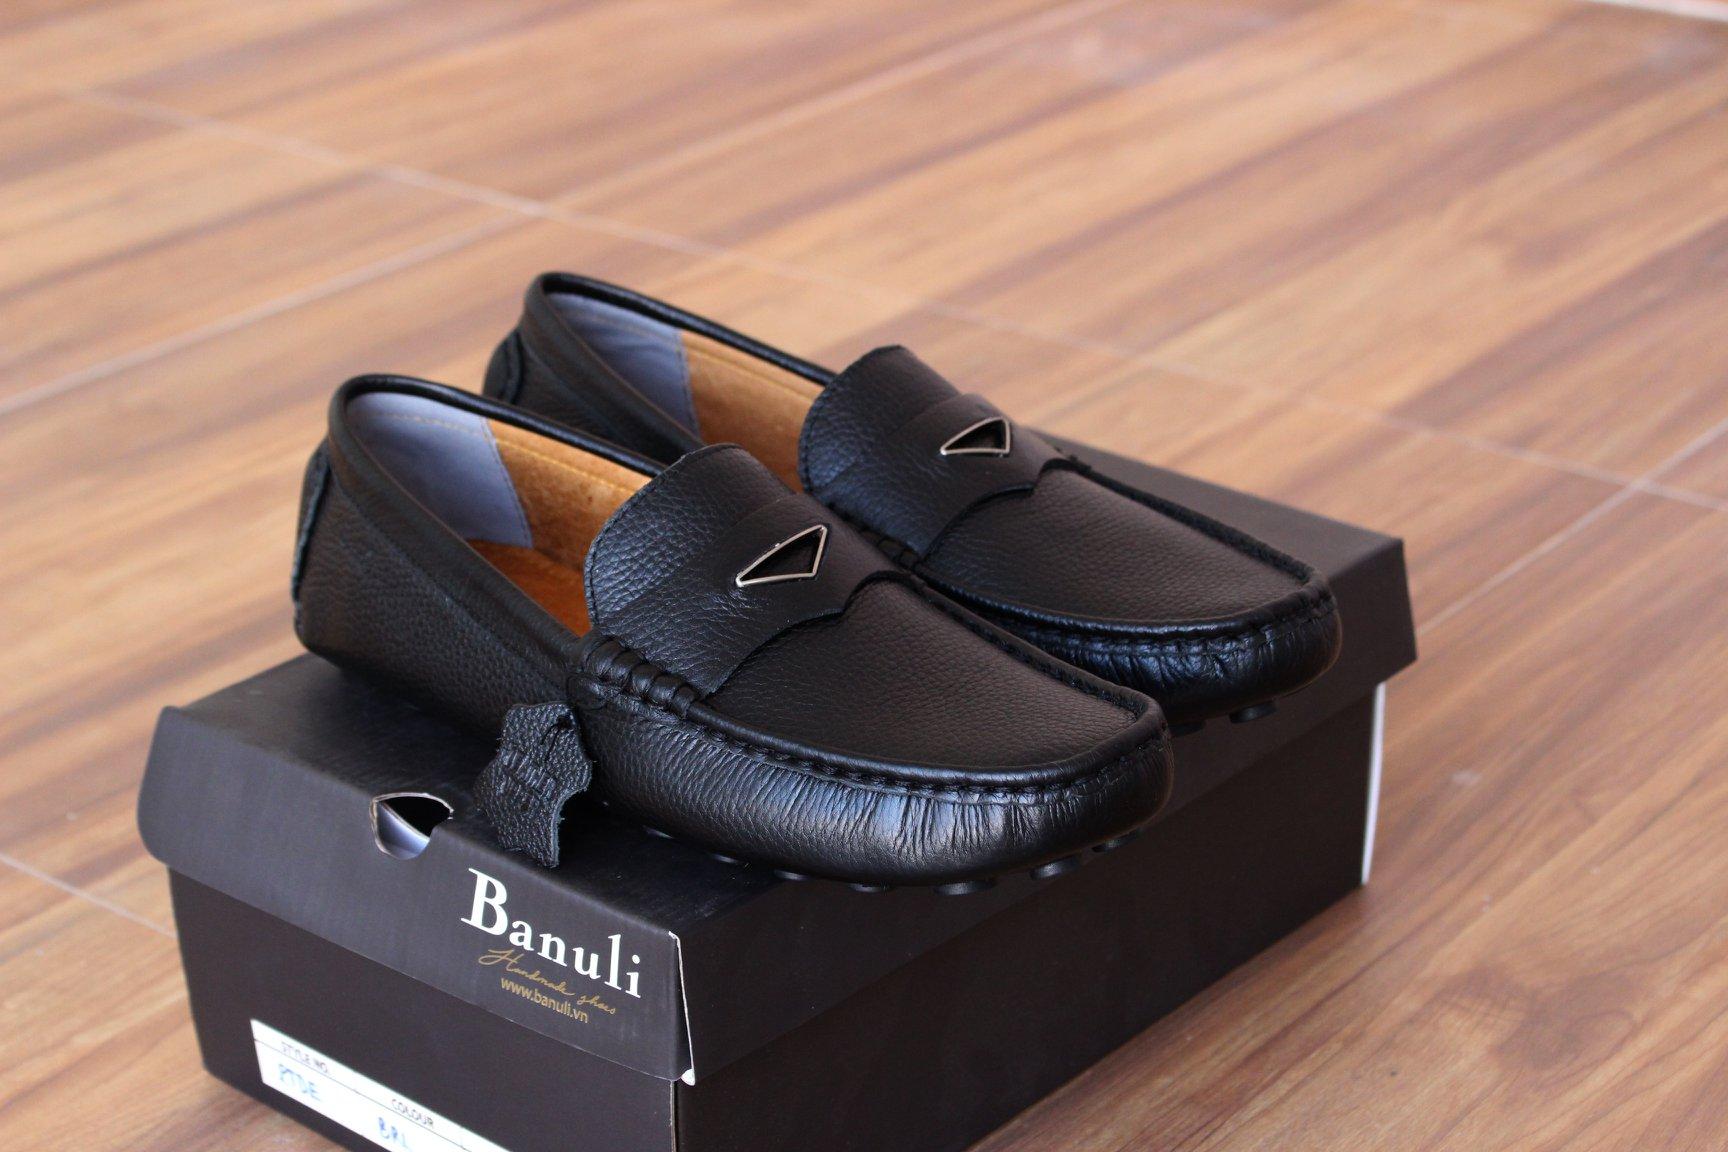 Giày nam cao cấp chính hãng BANULI, kiểu giày lười K1ML1T0 da bò thật đế cao su tự nhiên